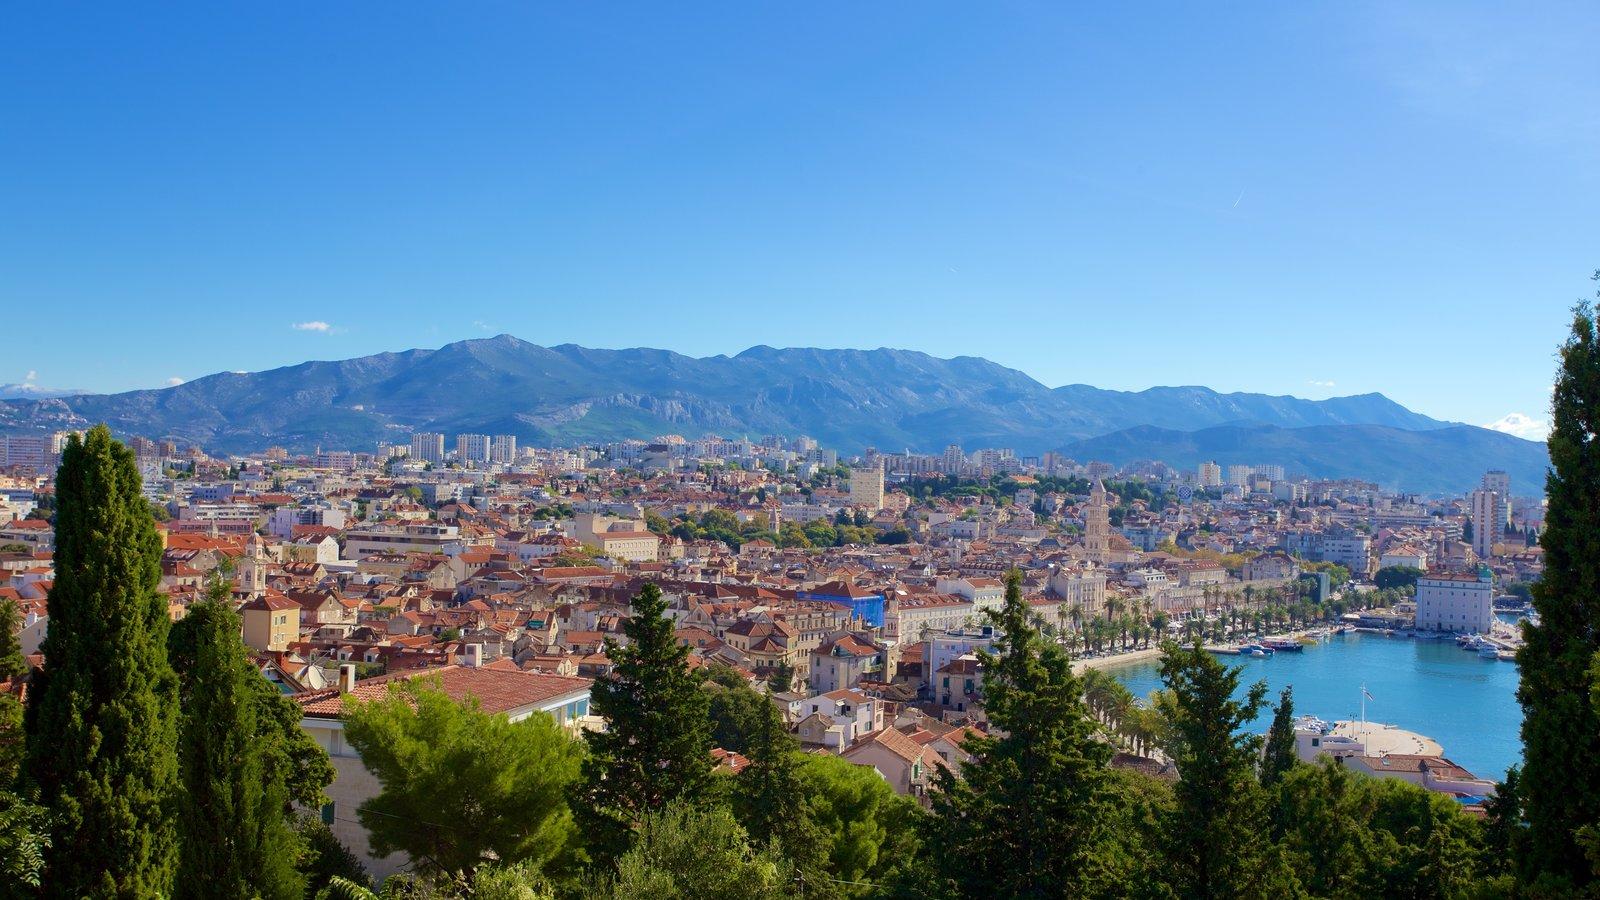 Paseo marítimo Split Riva ofreciendo una ciudad y vistas de paisajes